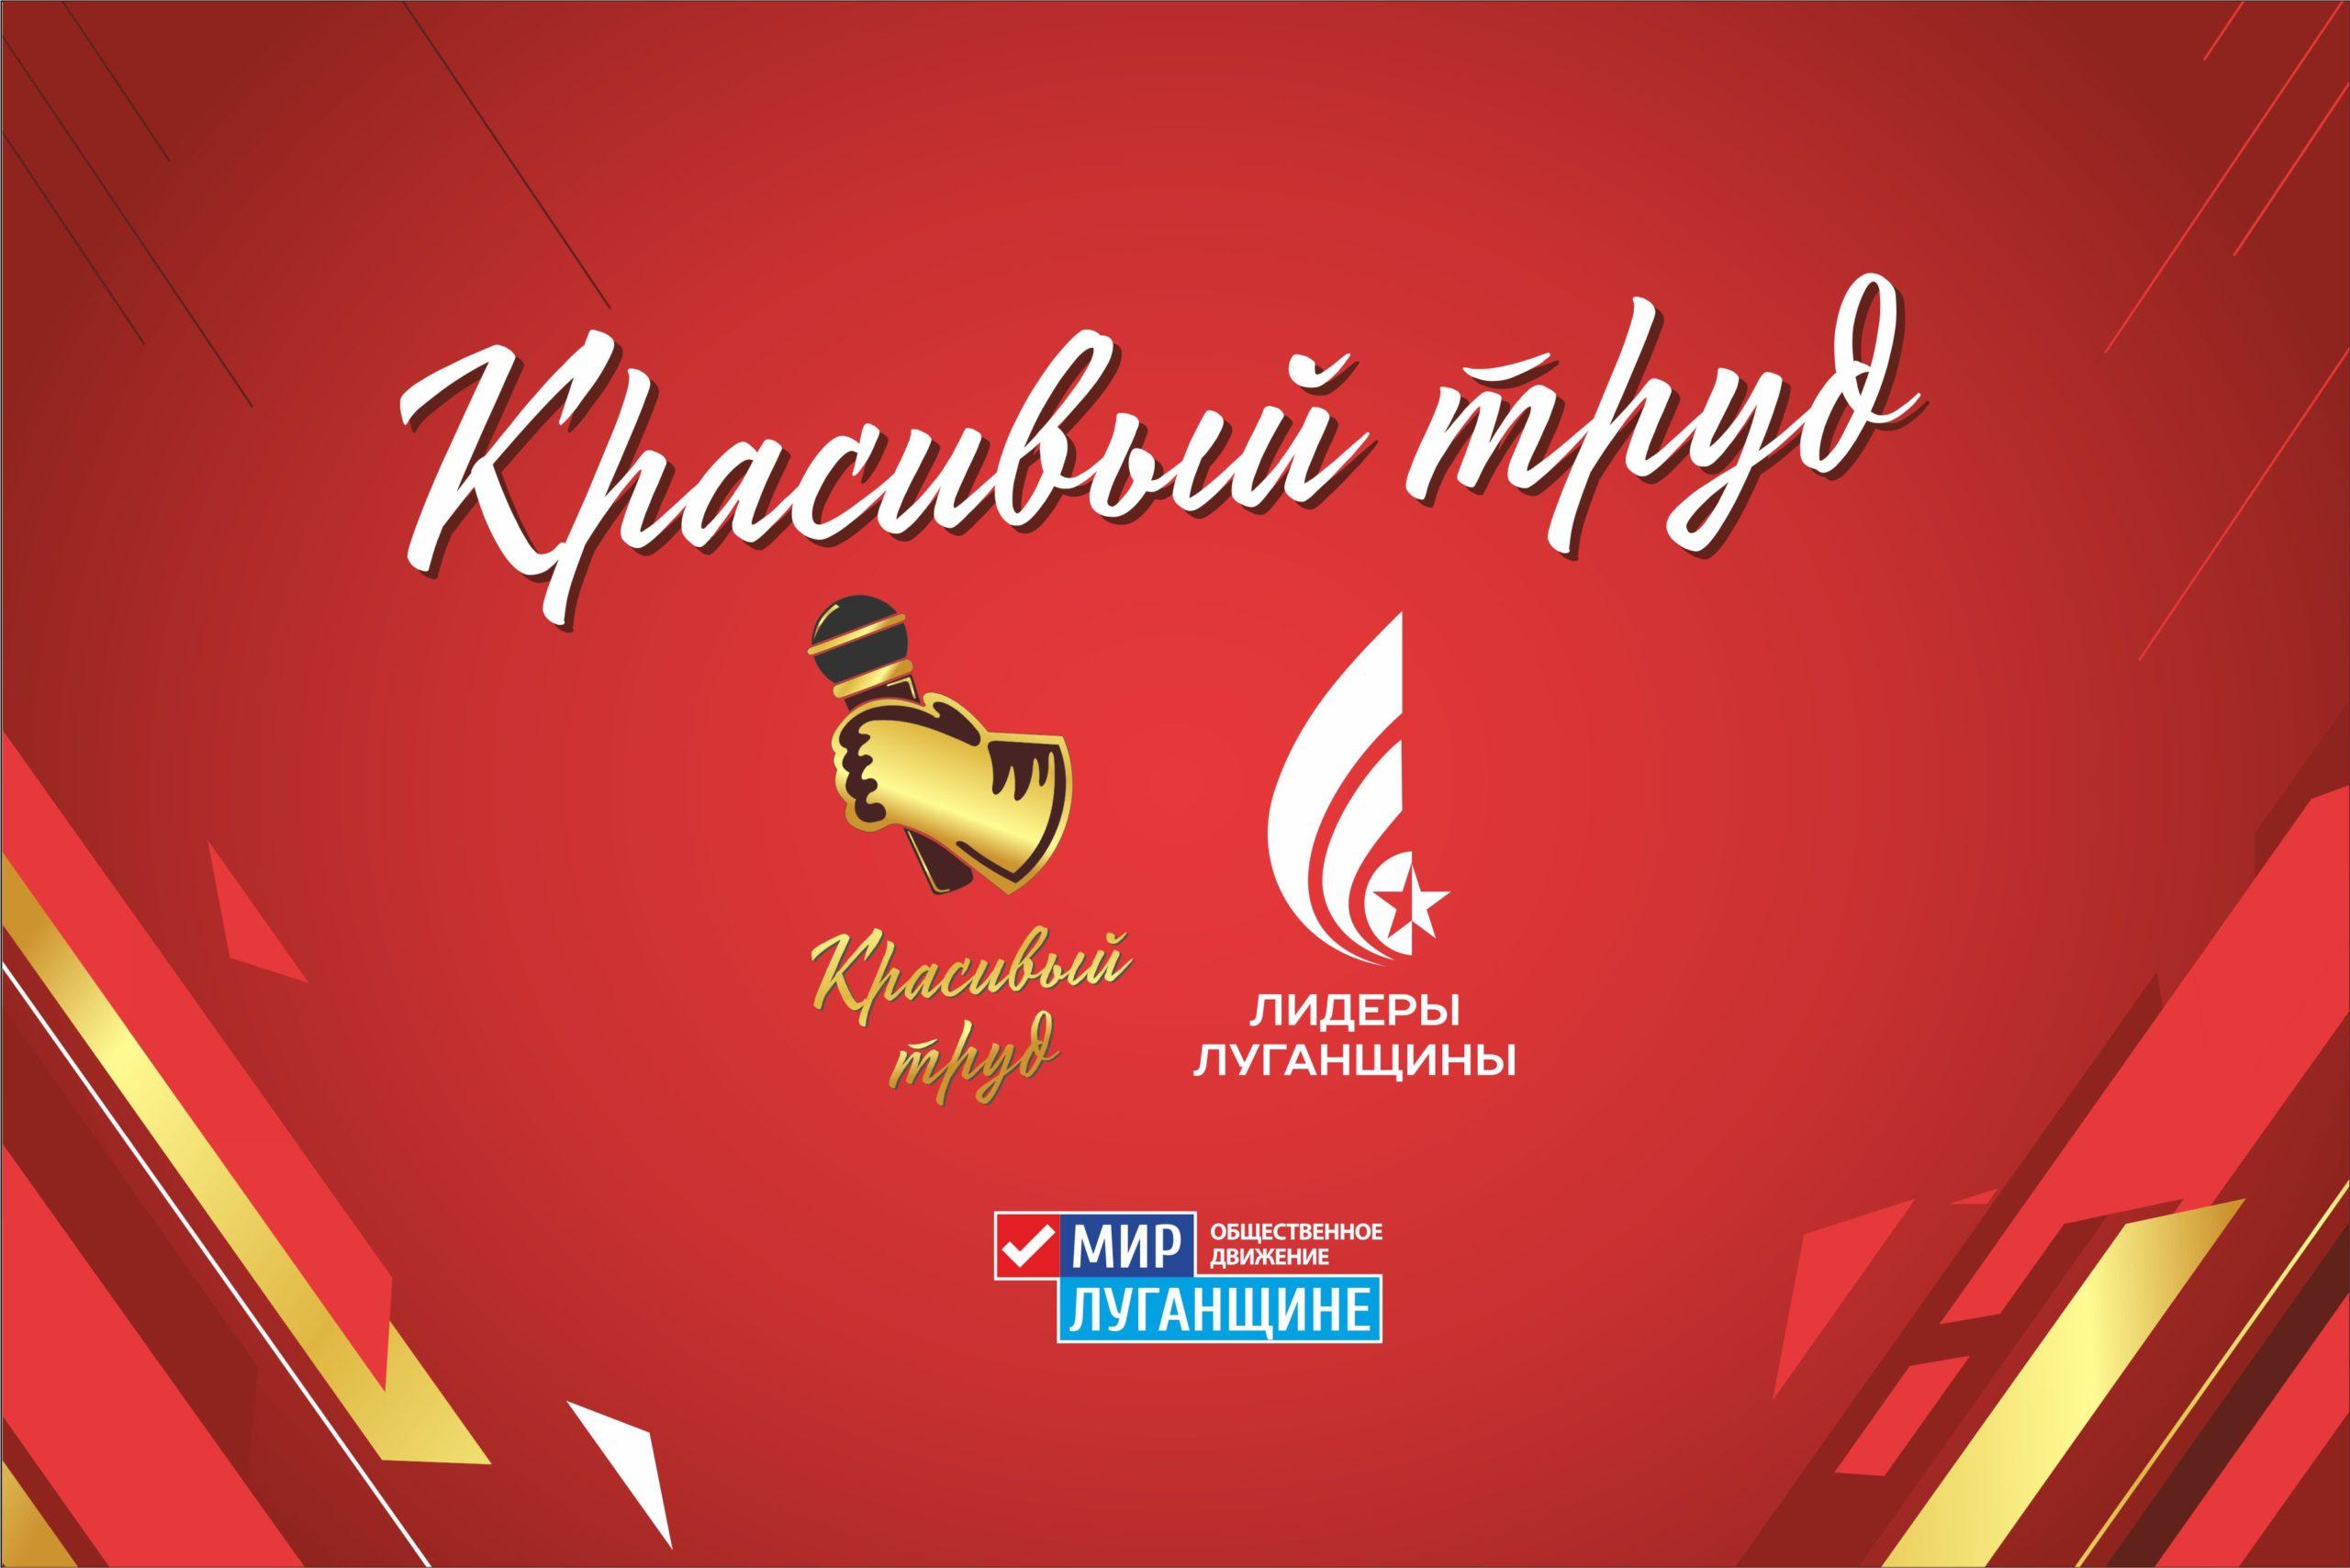 Гала-концерт творческого конкурса «Красивый труд» пройдёт в Луганске 1